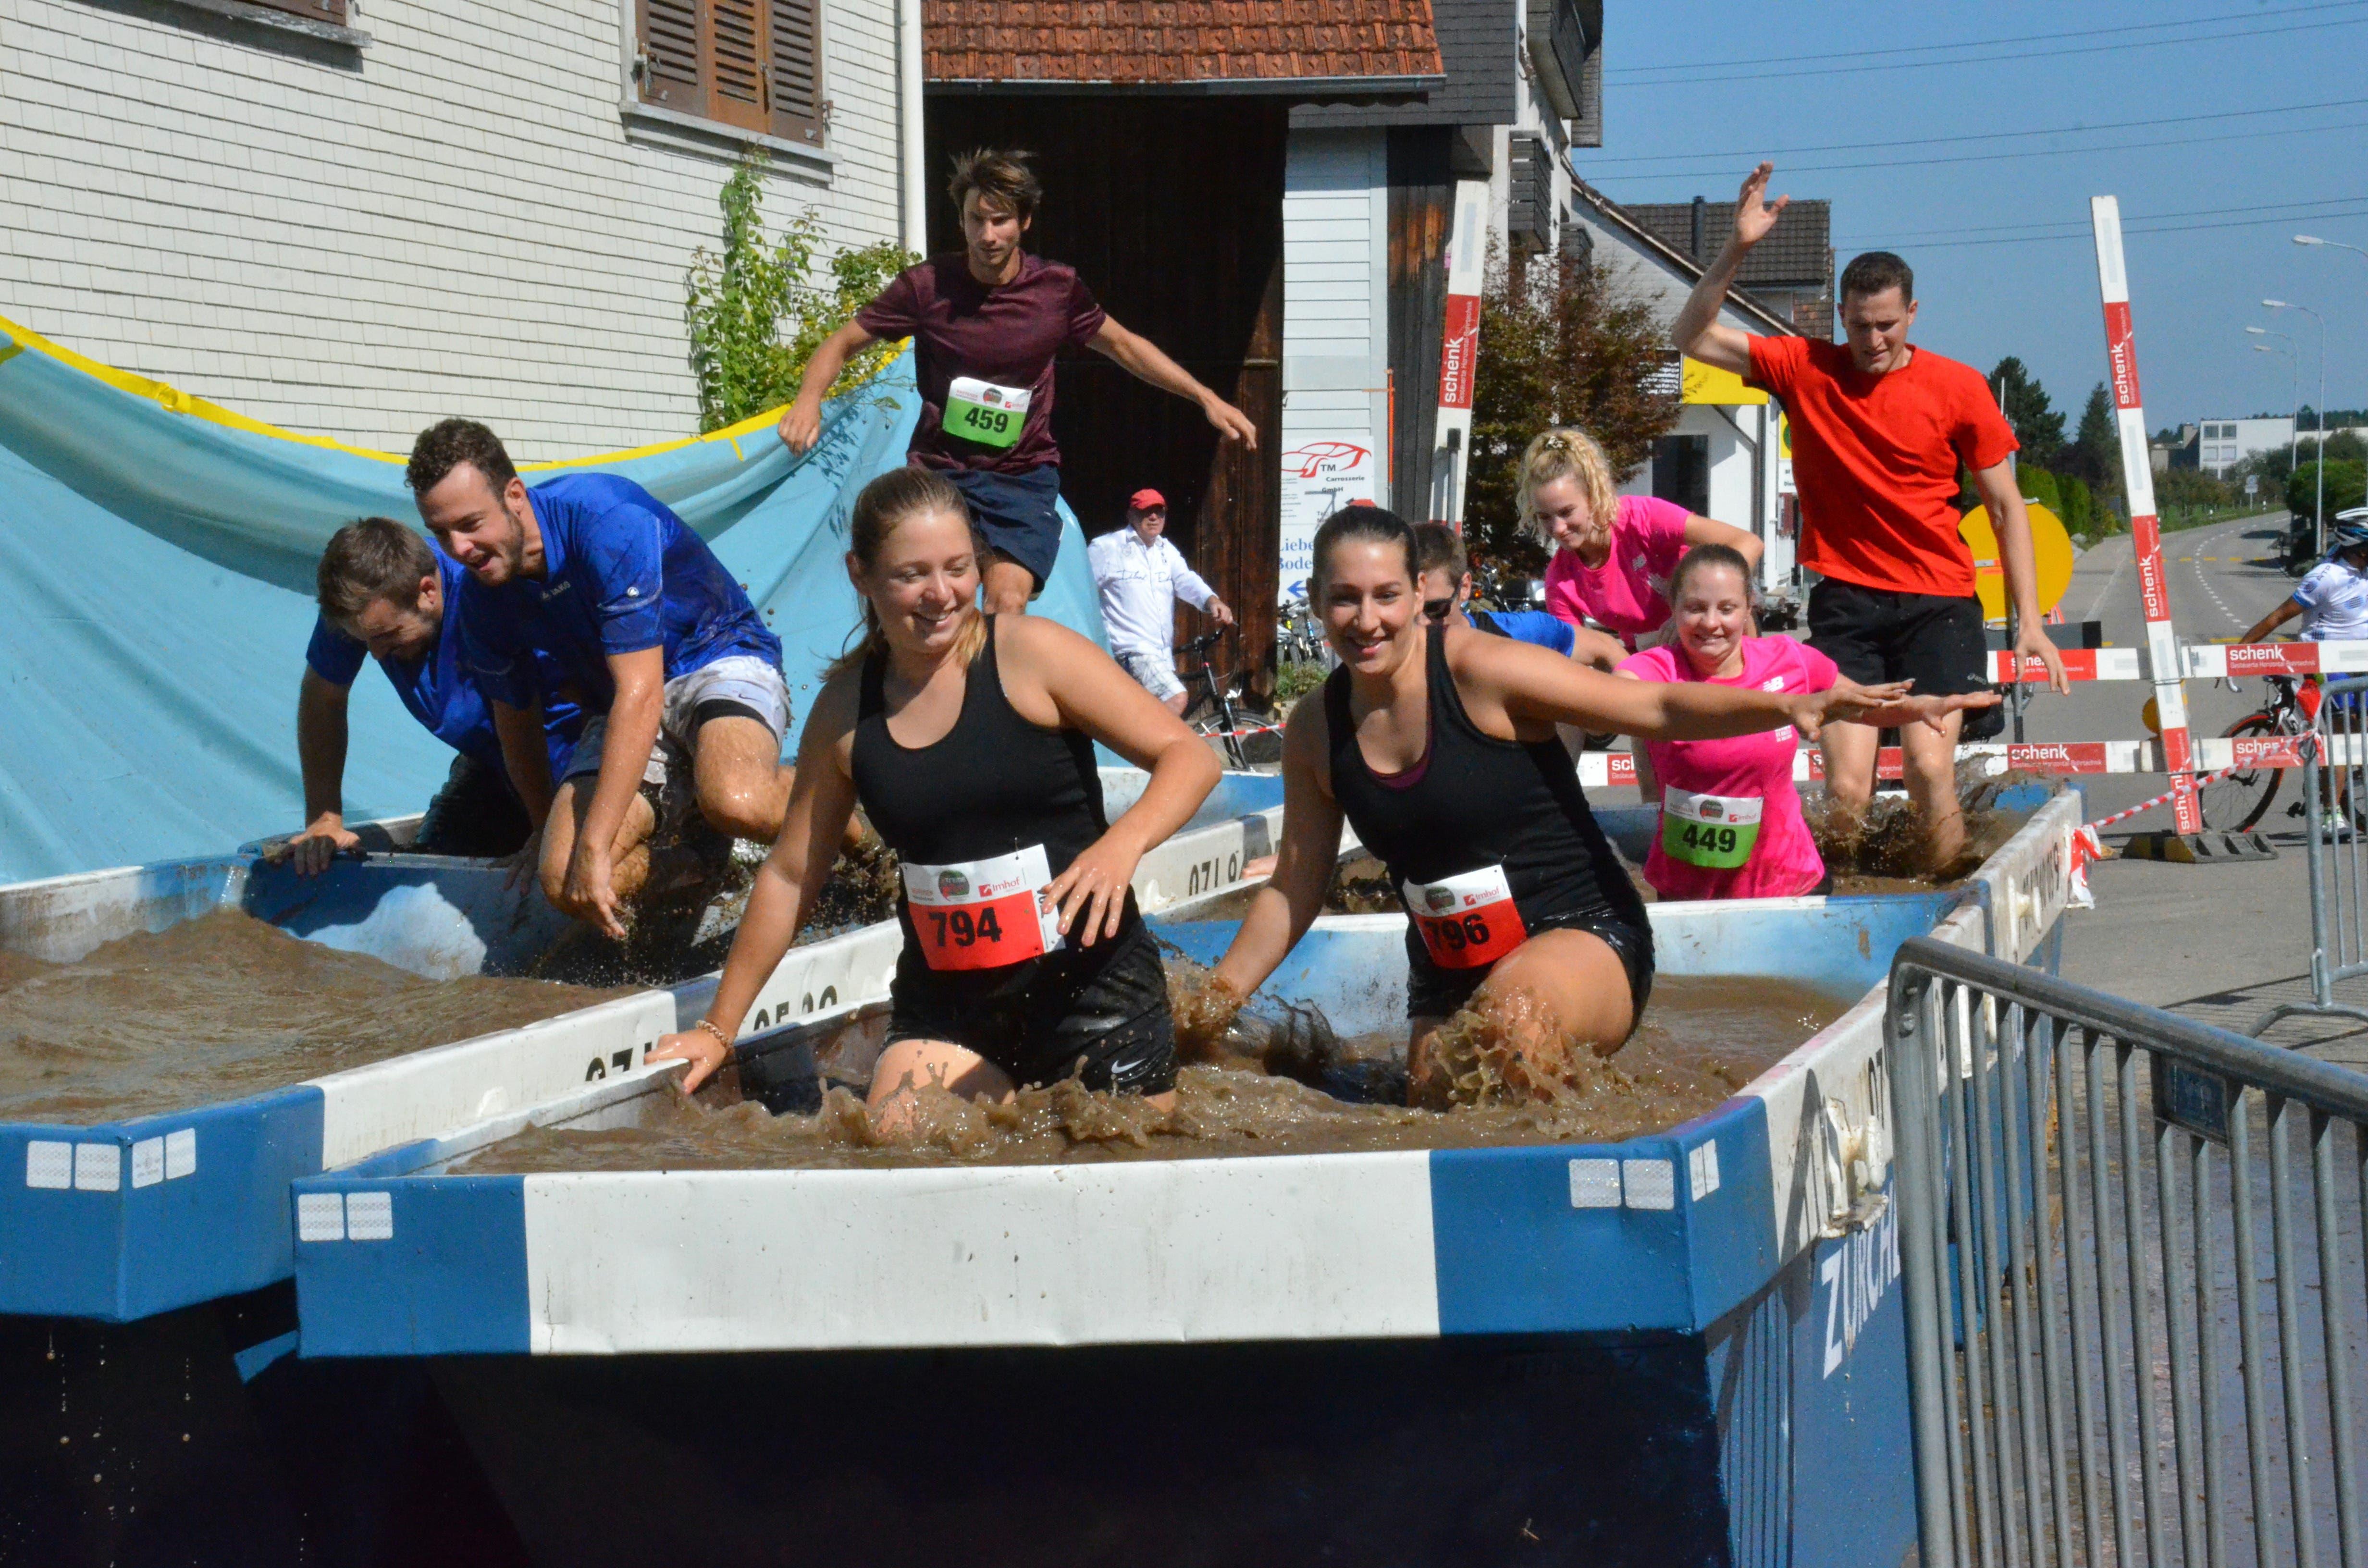 Zürchers Wellness-Oase bot den 650 Teilnehmerinnen und Teilnehmern am zweiten Xtreme Run in Lenggenwil eine erste Abkühlung. (BIlder: Christoph Heer)